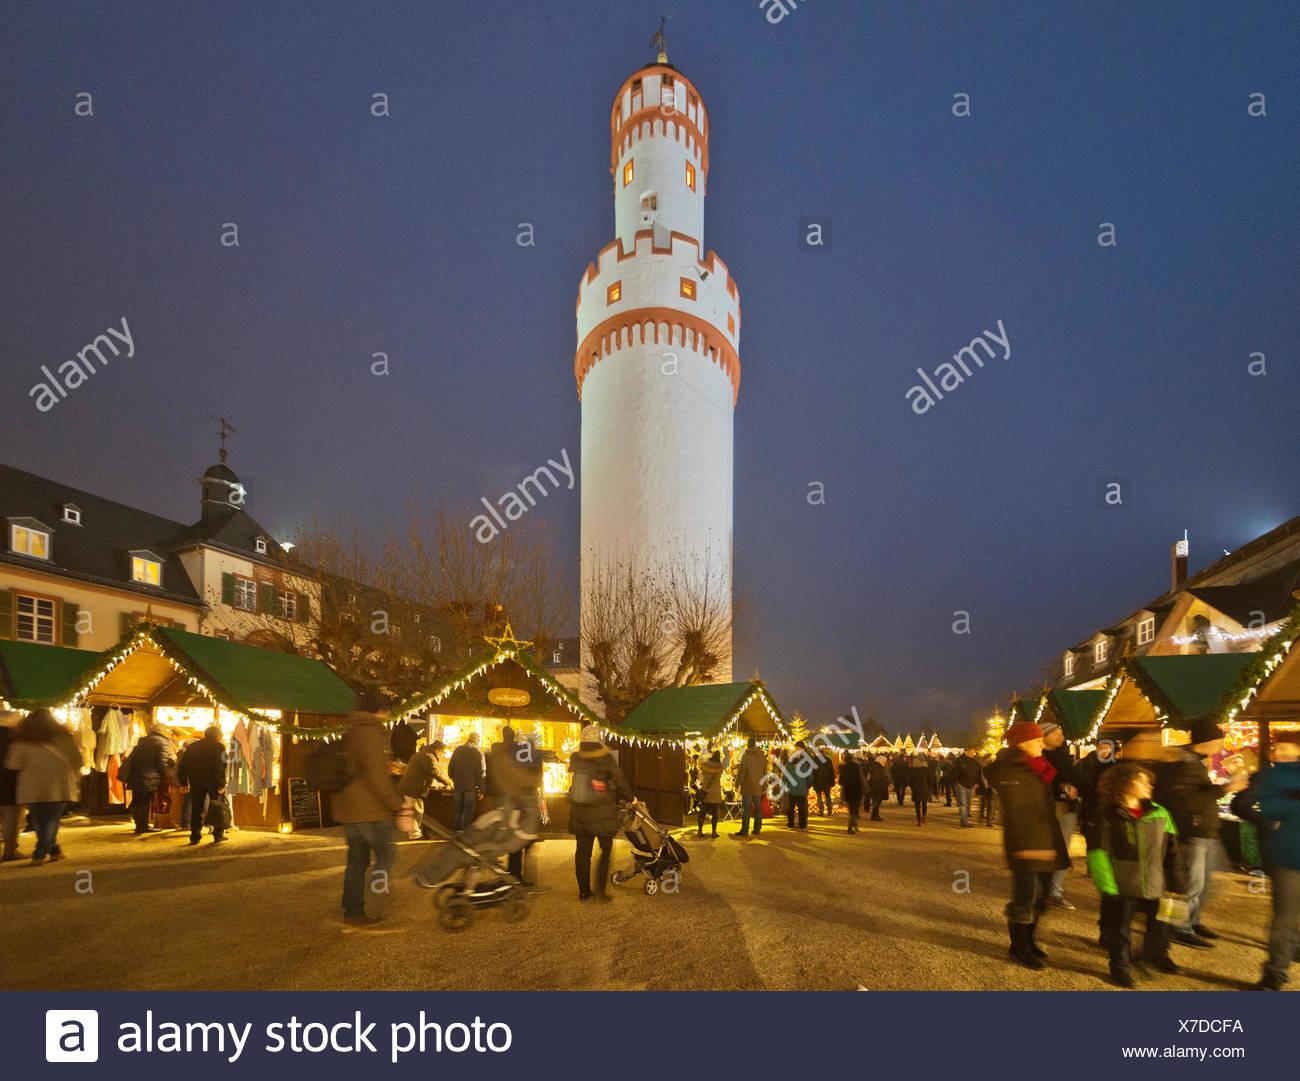 Weihnachtsmarkt Bad Homburg.Bad Homburg Hessen Weihnachtsmarkt Schloss Weißer Turm Stock